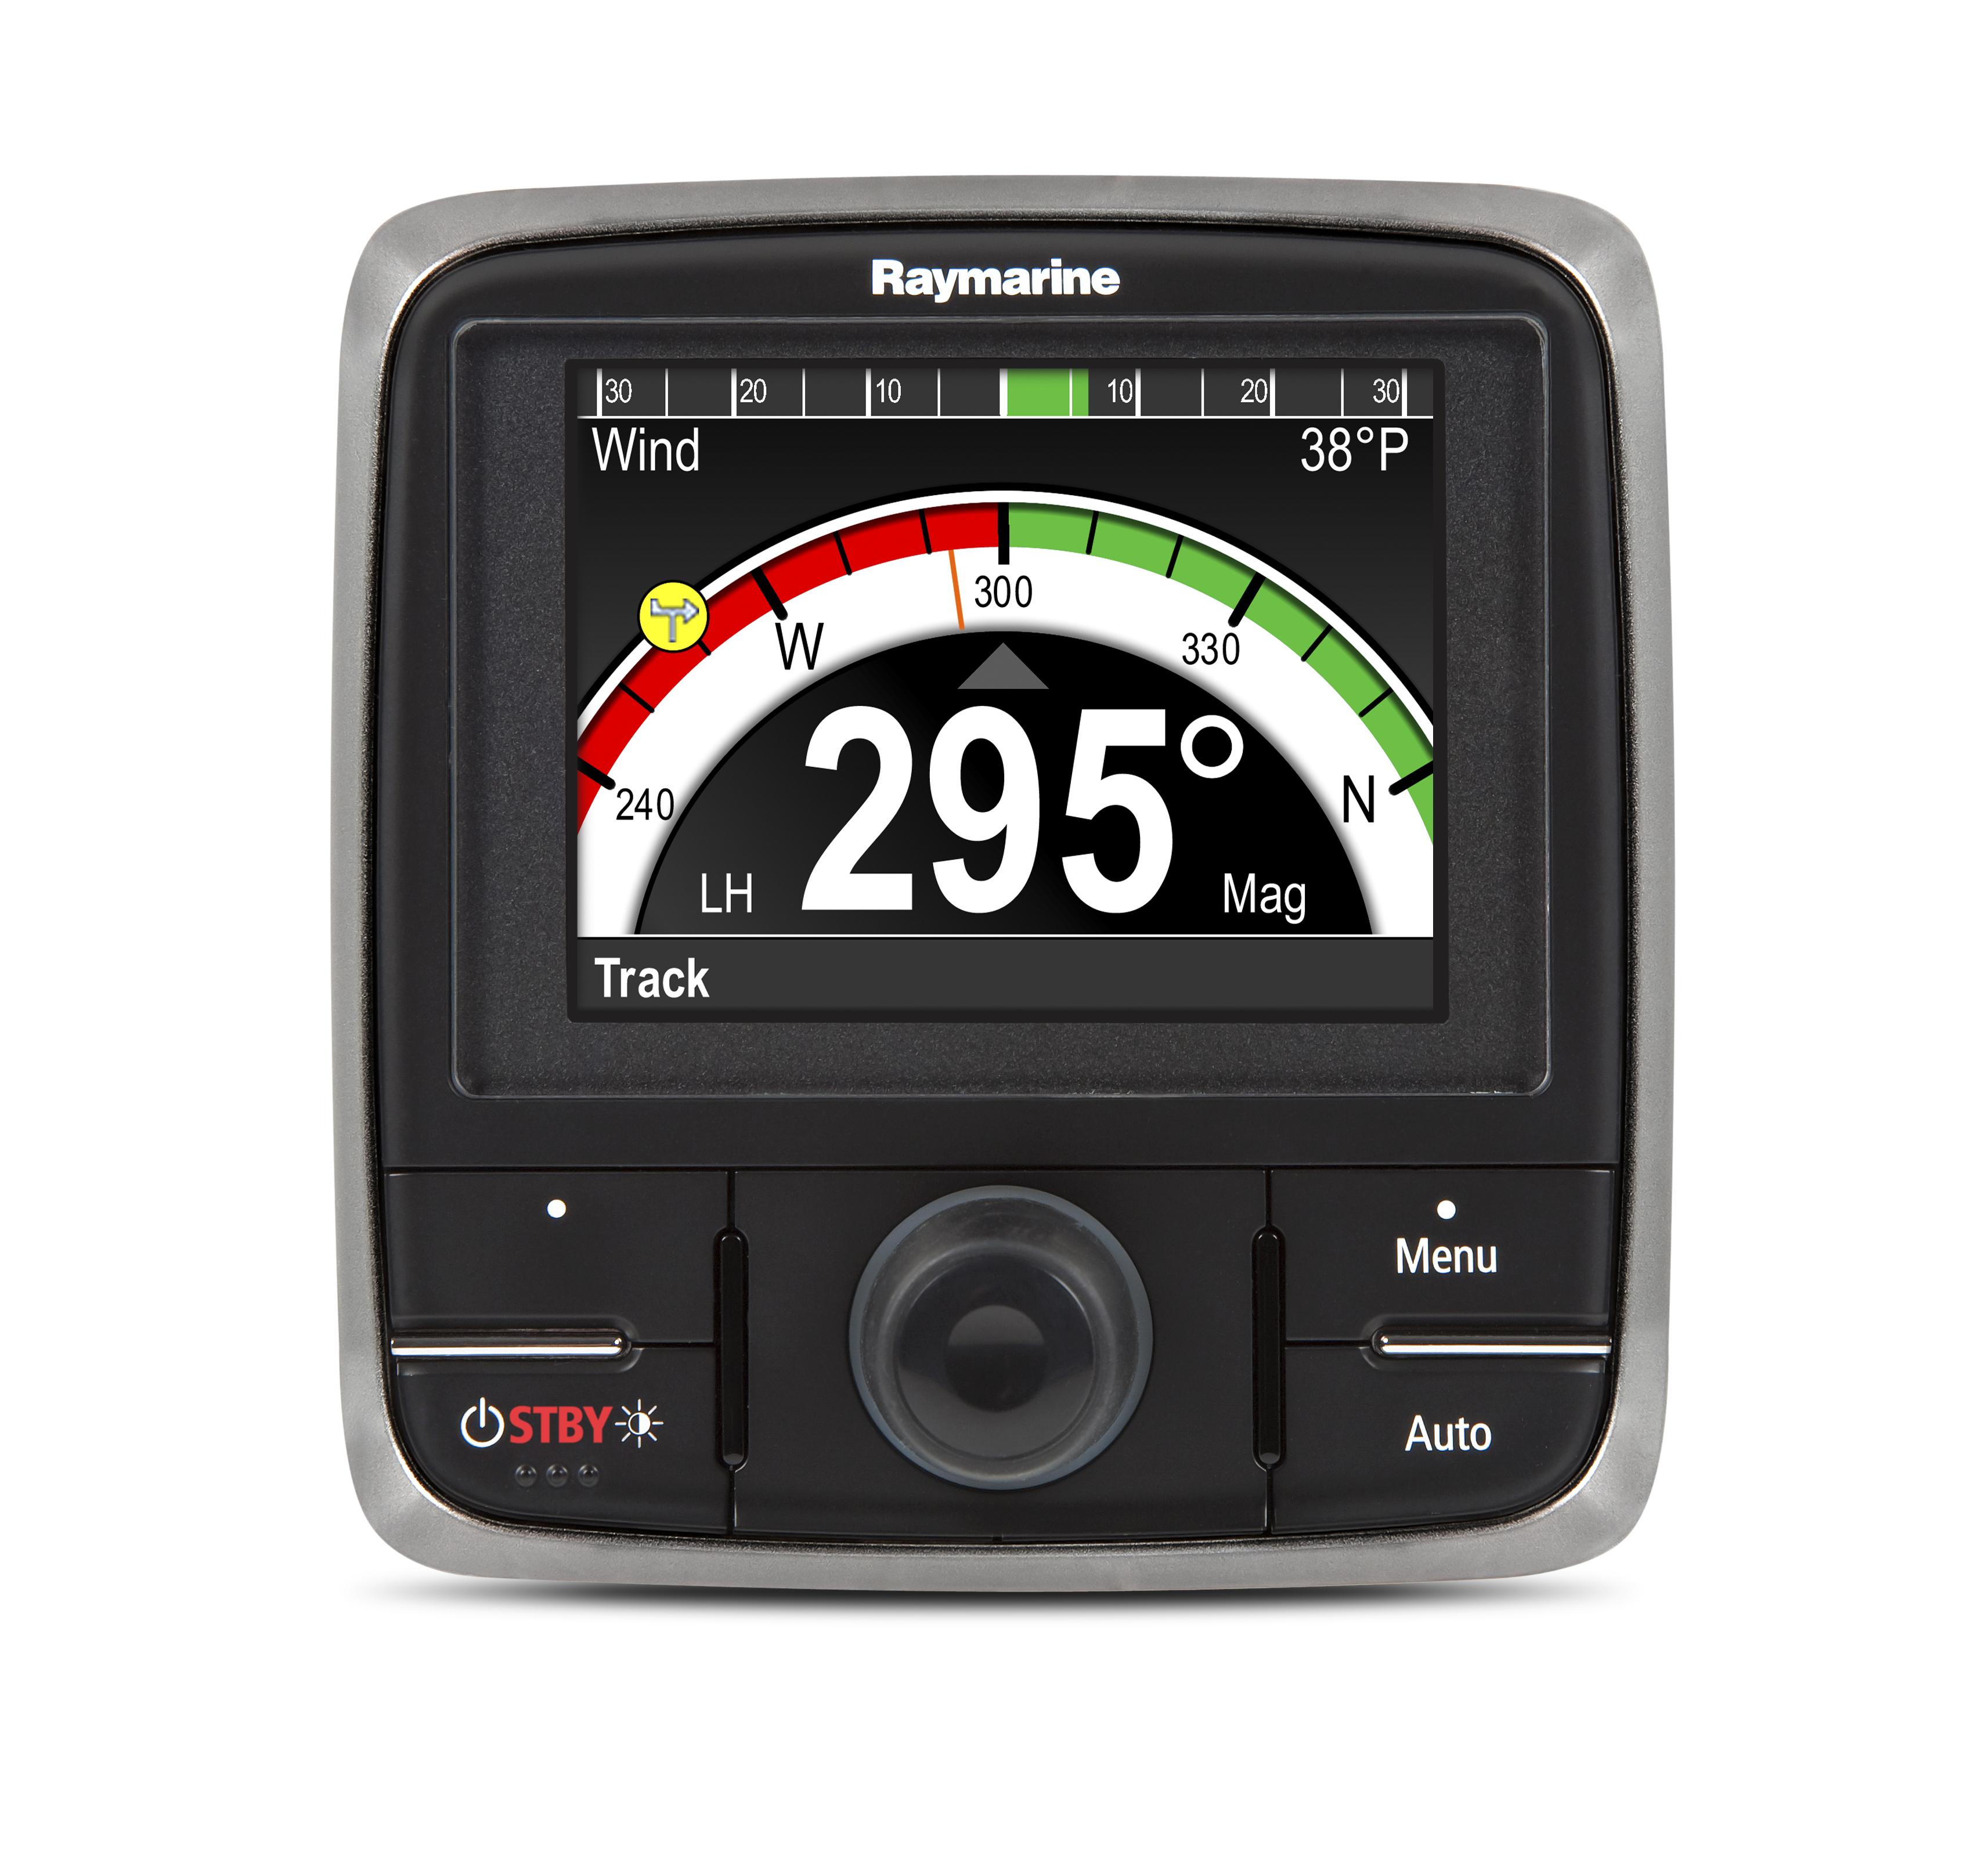 p70R front black display control head autopilot